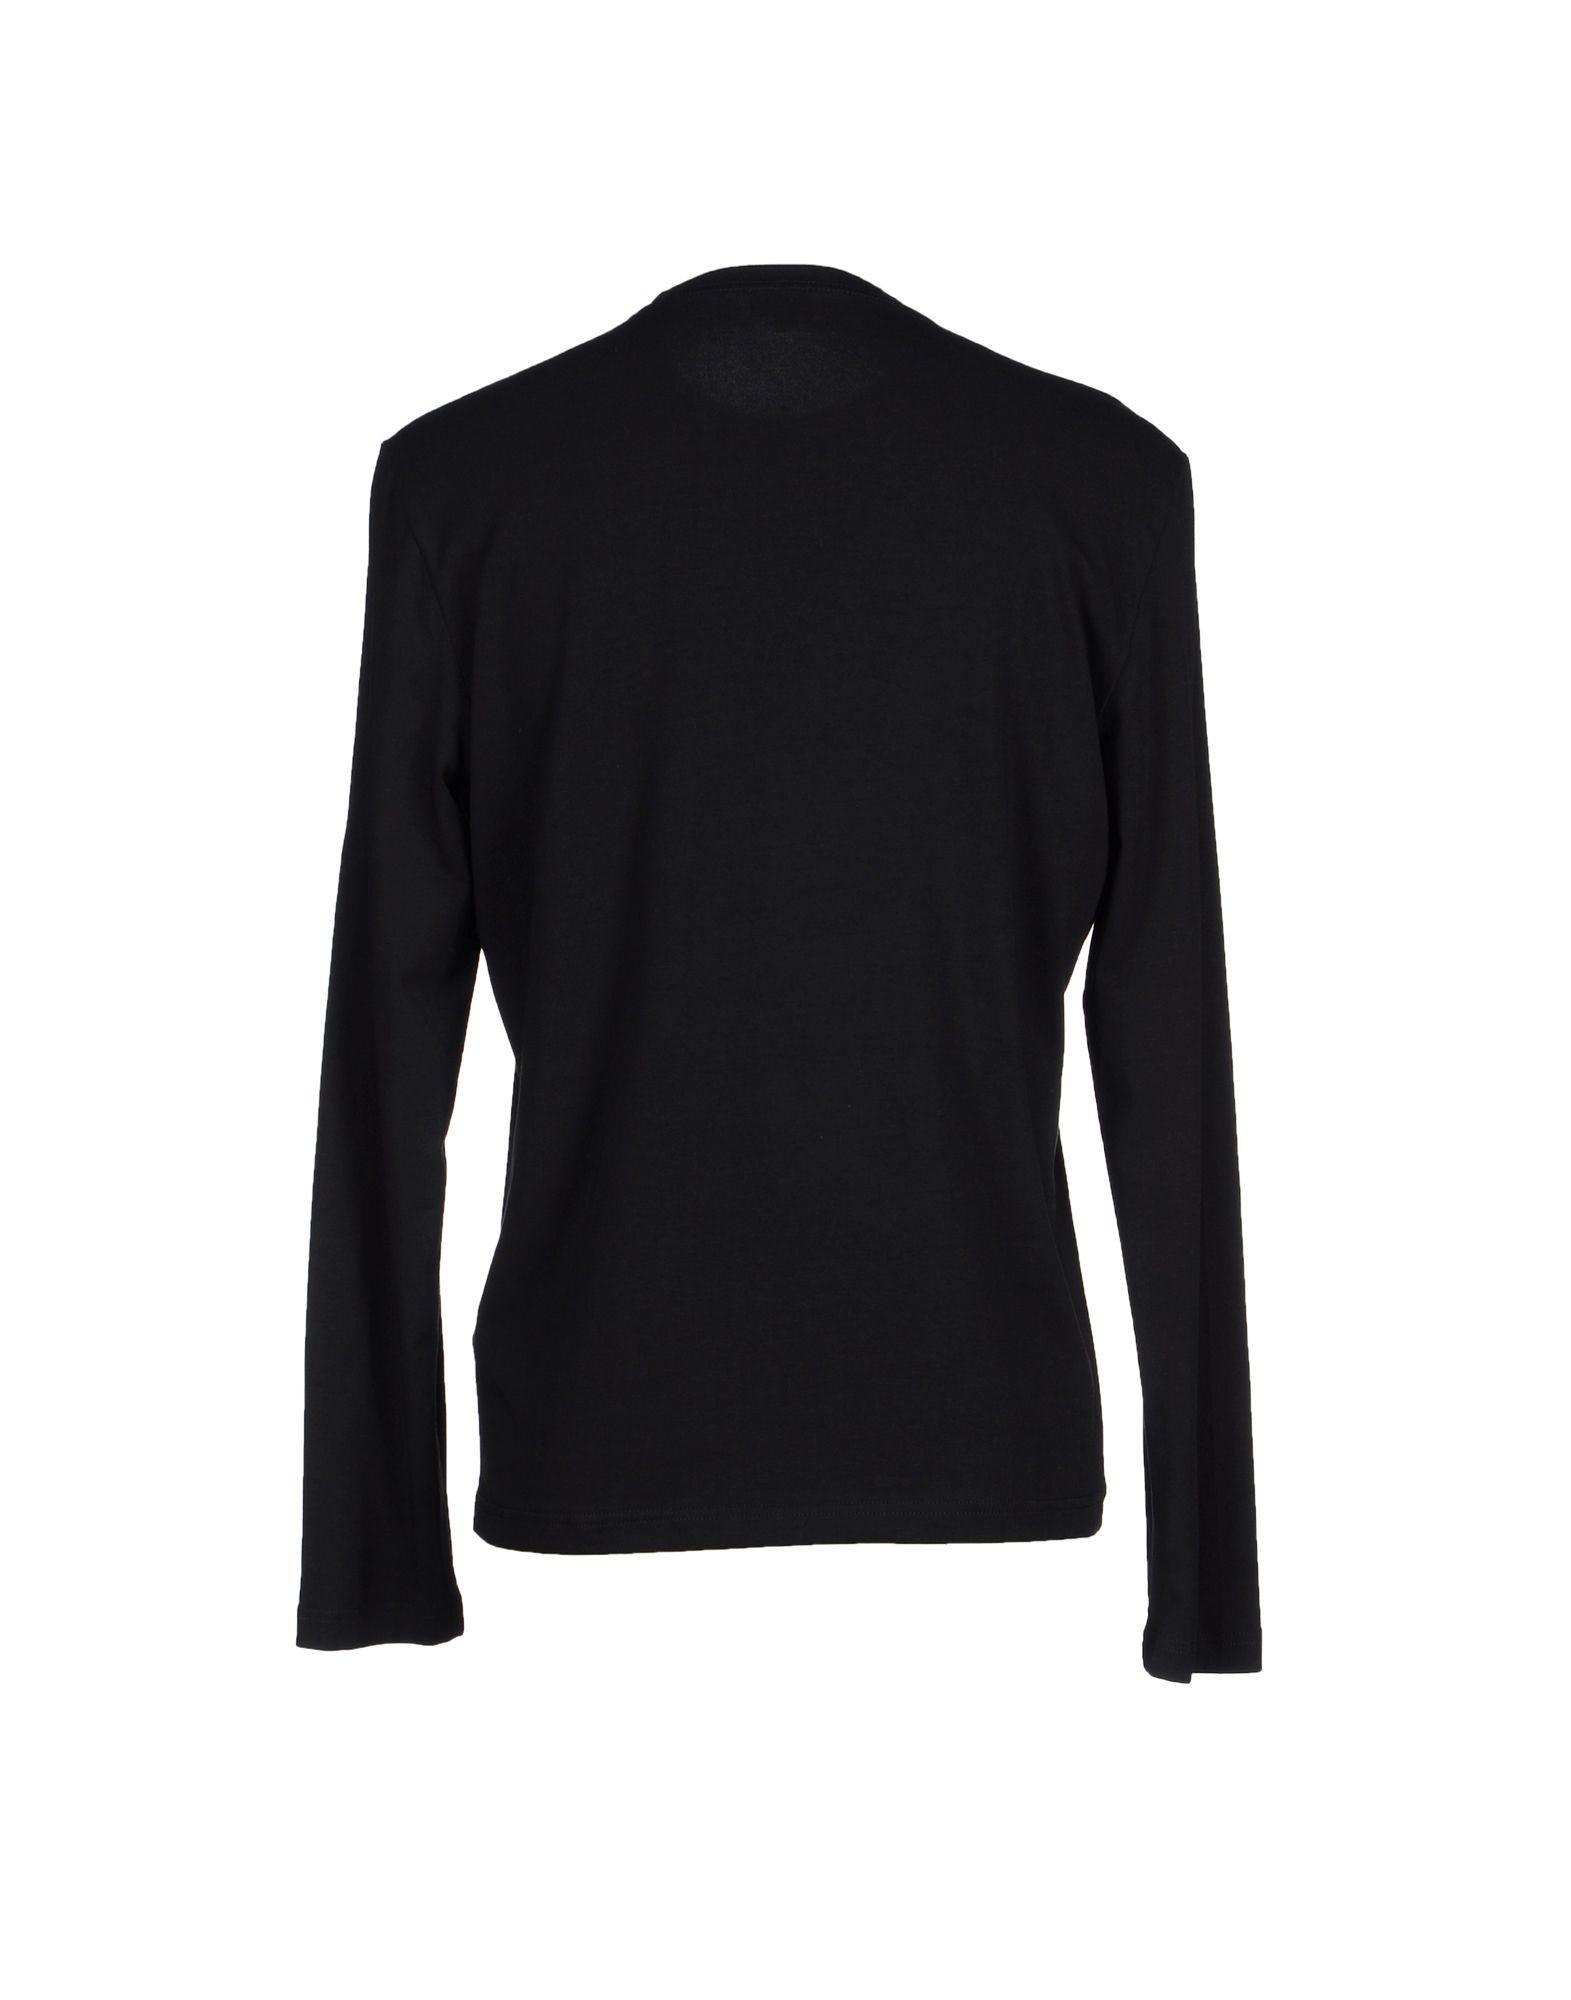 calvin klein jeans t shirt in black for men lyst. Black Bedroom Furniture Sets. Home Design Ideas